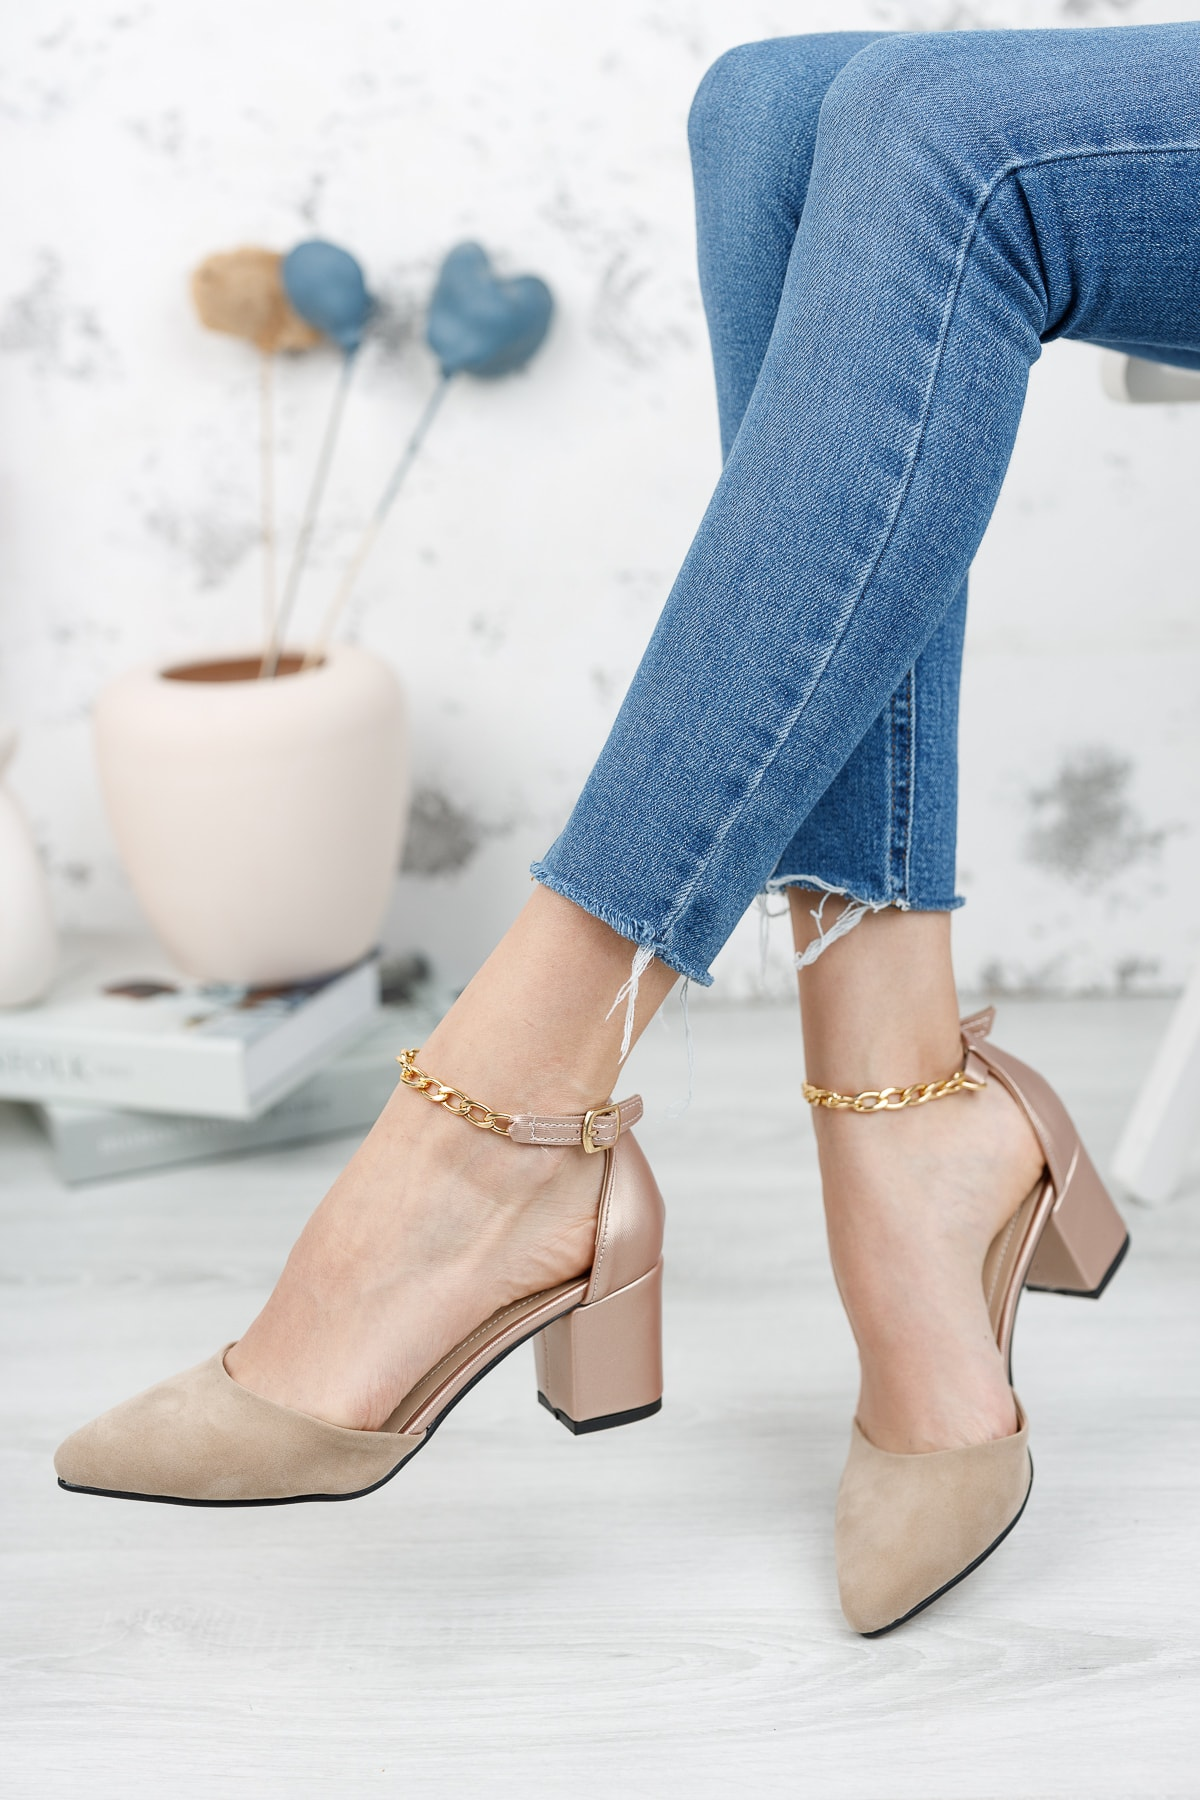 Kadın, Bilekten Zincirli, Klasik Kısa Topuklu Ayakkabı